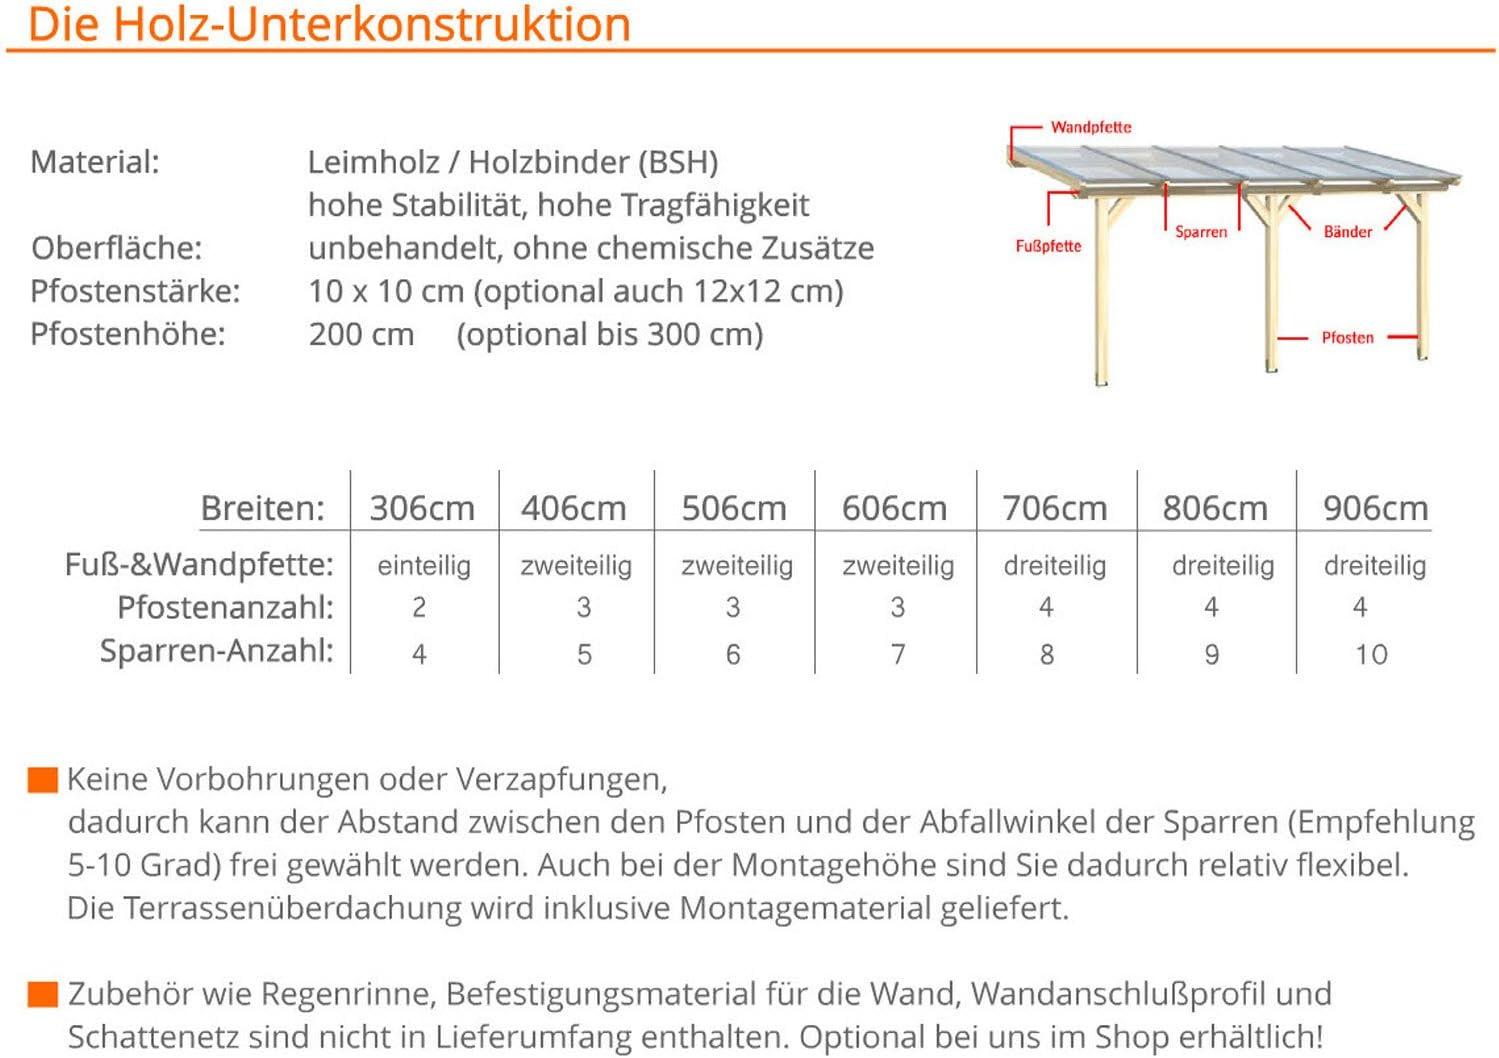 Unbehandelt // NATUR Terrassen/überdachung Leimholz /ÜBERDACHUNG TERRASSENDACH HOLZ VORDACH CARPORT TERRASSE WINTERGARTEN LEIMBINDER GARTENLAUBE PAVILLON 9 x 3 m solidBASIC mit VSG GLAS 900 x 300 cm Glasdach Verbundsicherheitsglas